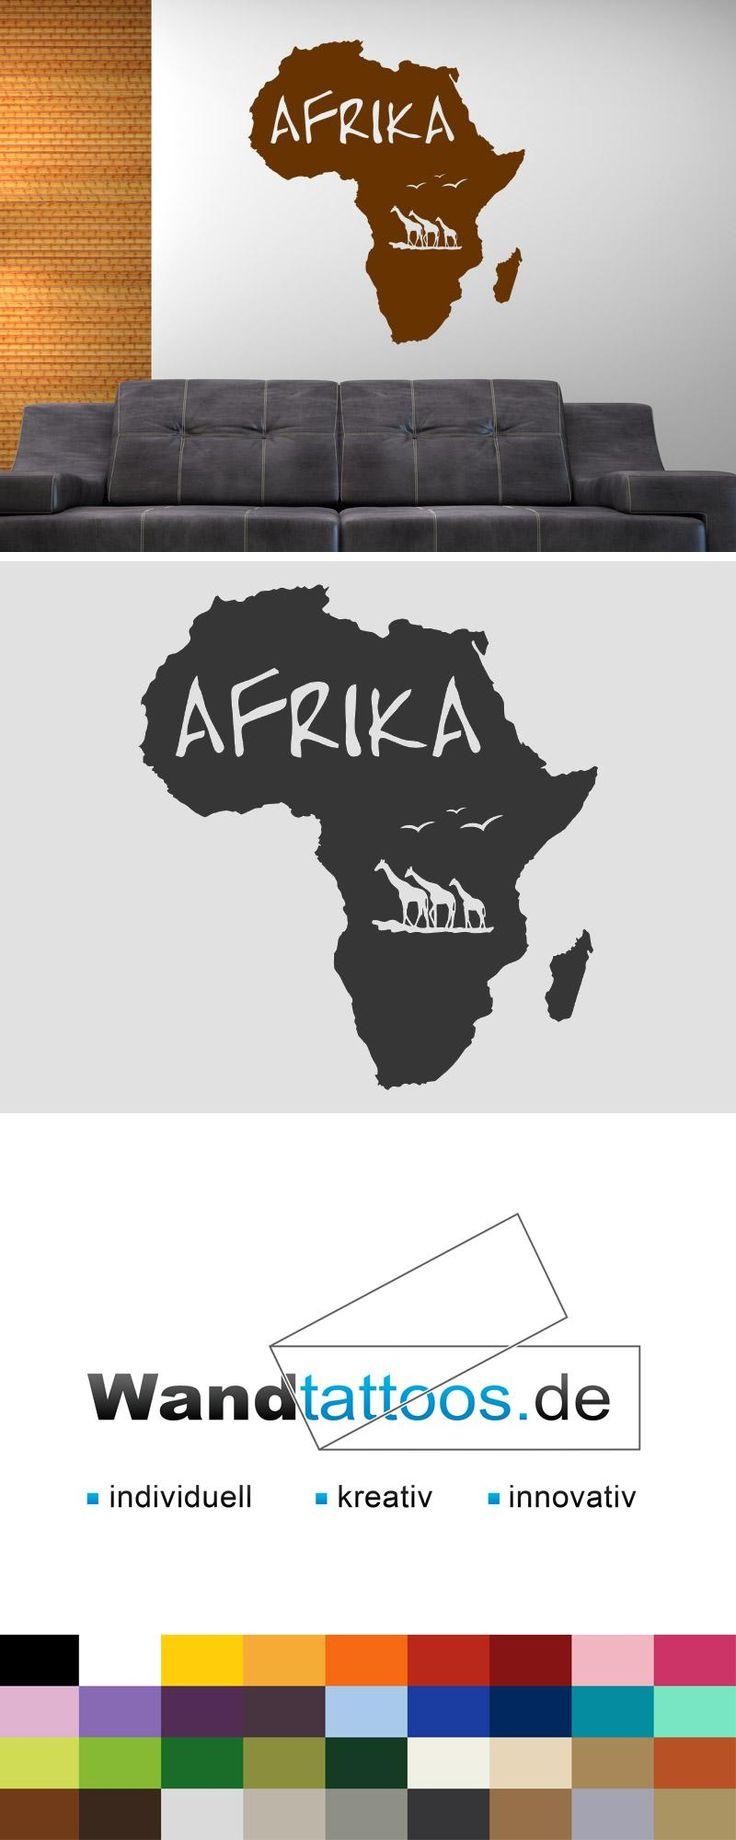 Wandtattoo Afrika als Idee zur individuellen Wandgestaltung. Einfach Lieblingsfarbe und Größe auswählen. Weitere kreative Anregungen von Wandtattoos.de hier entdecken!